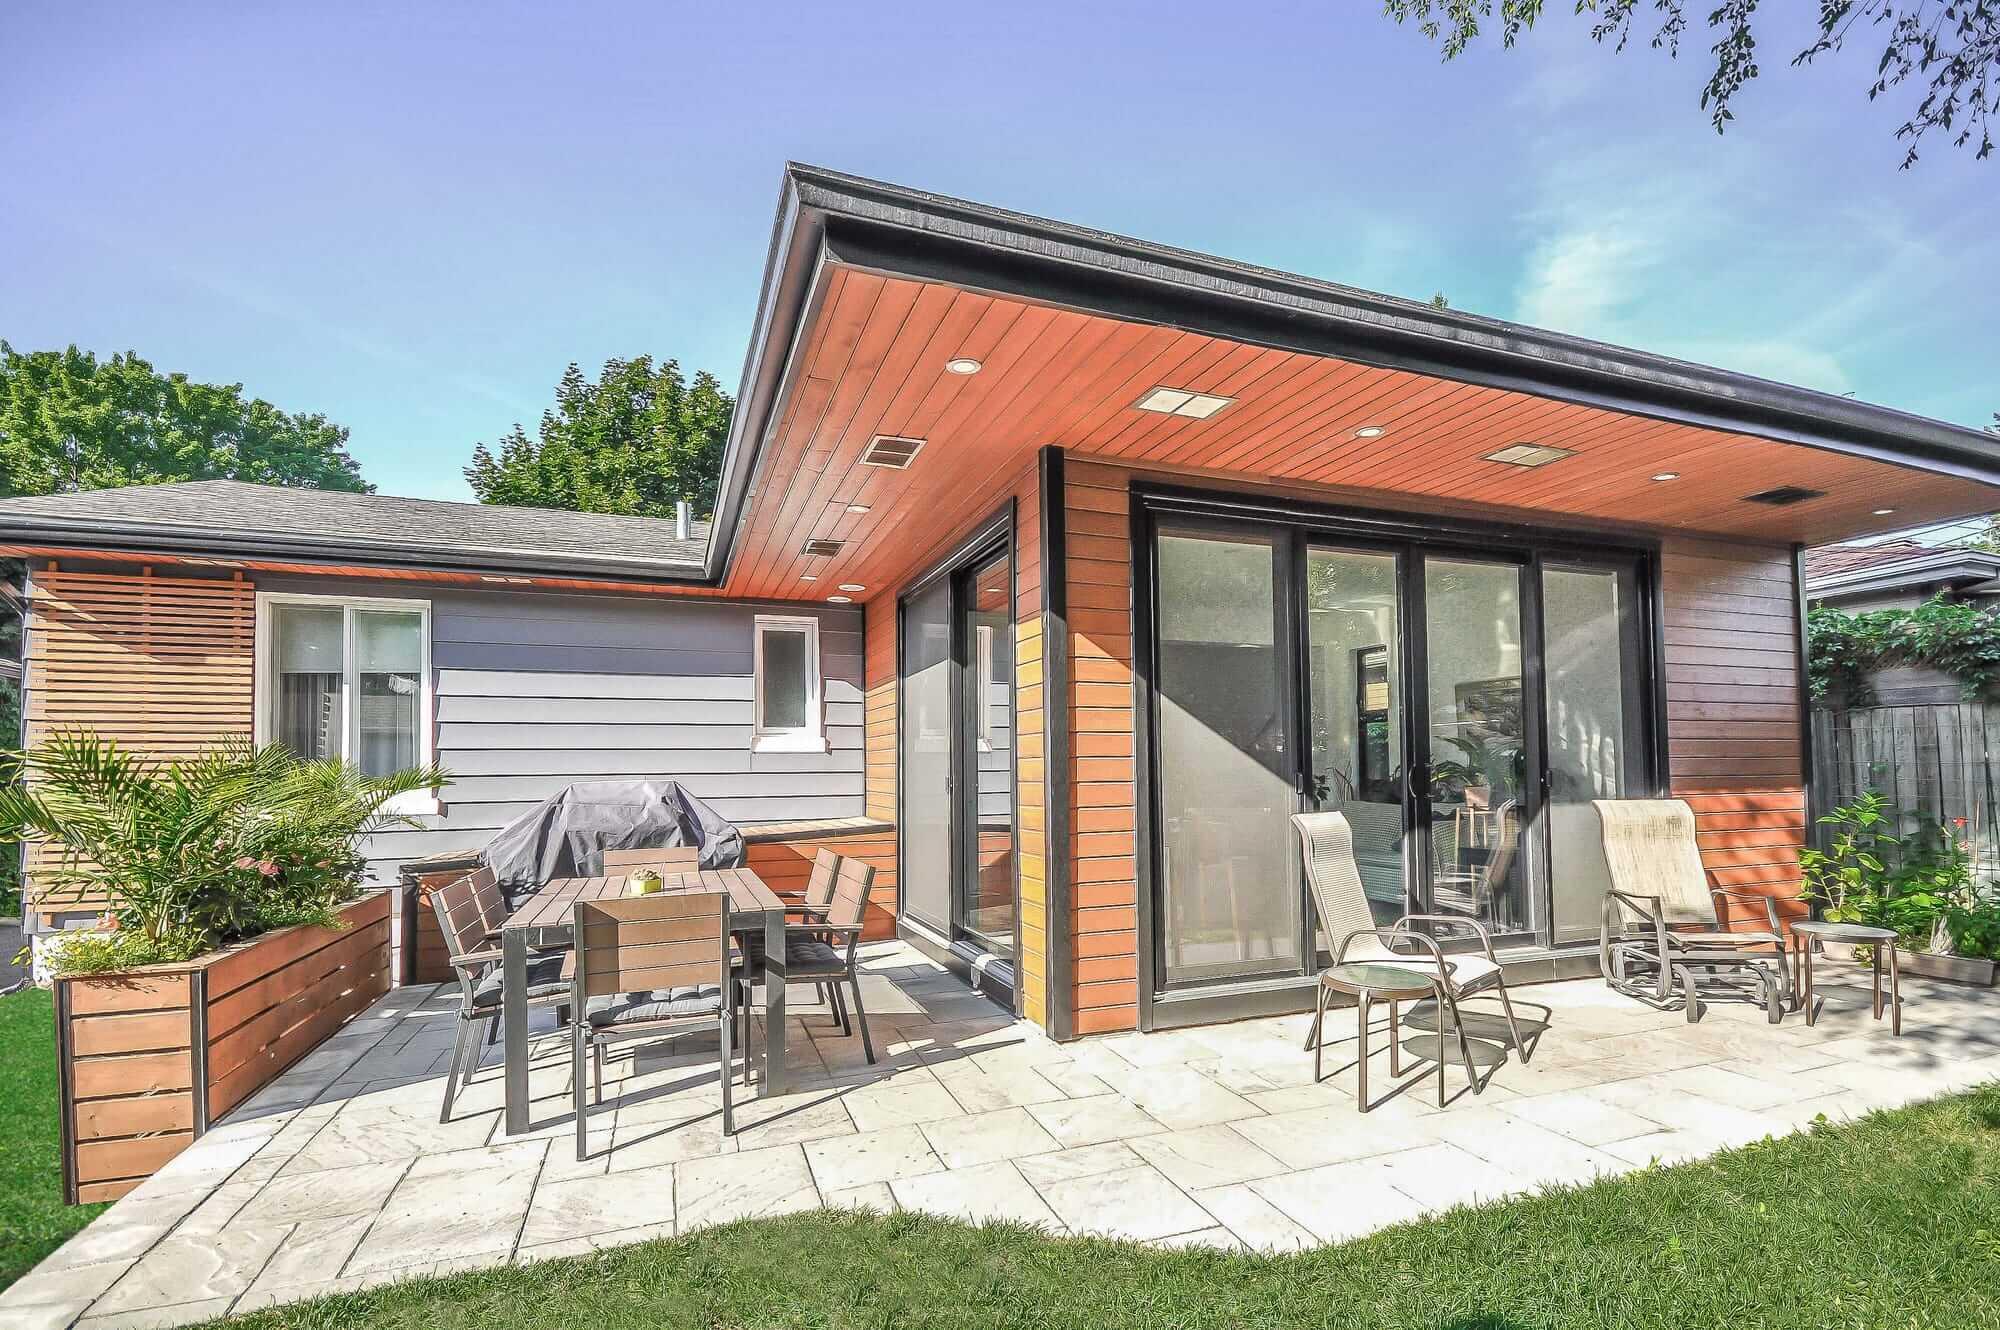 rallonge exterieure d'un bungalow avec terrasse en pavé